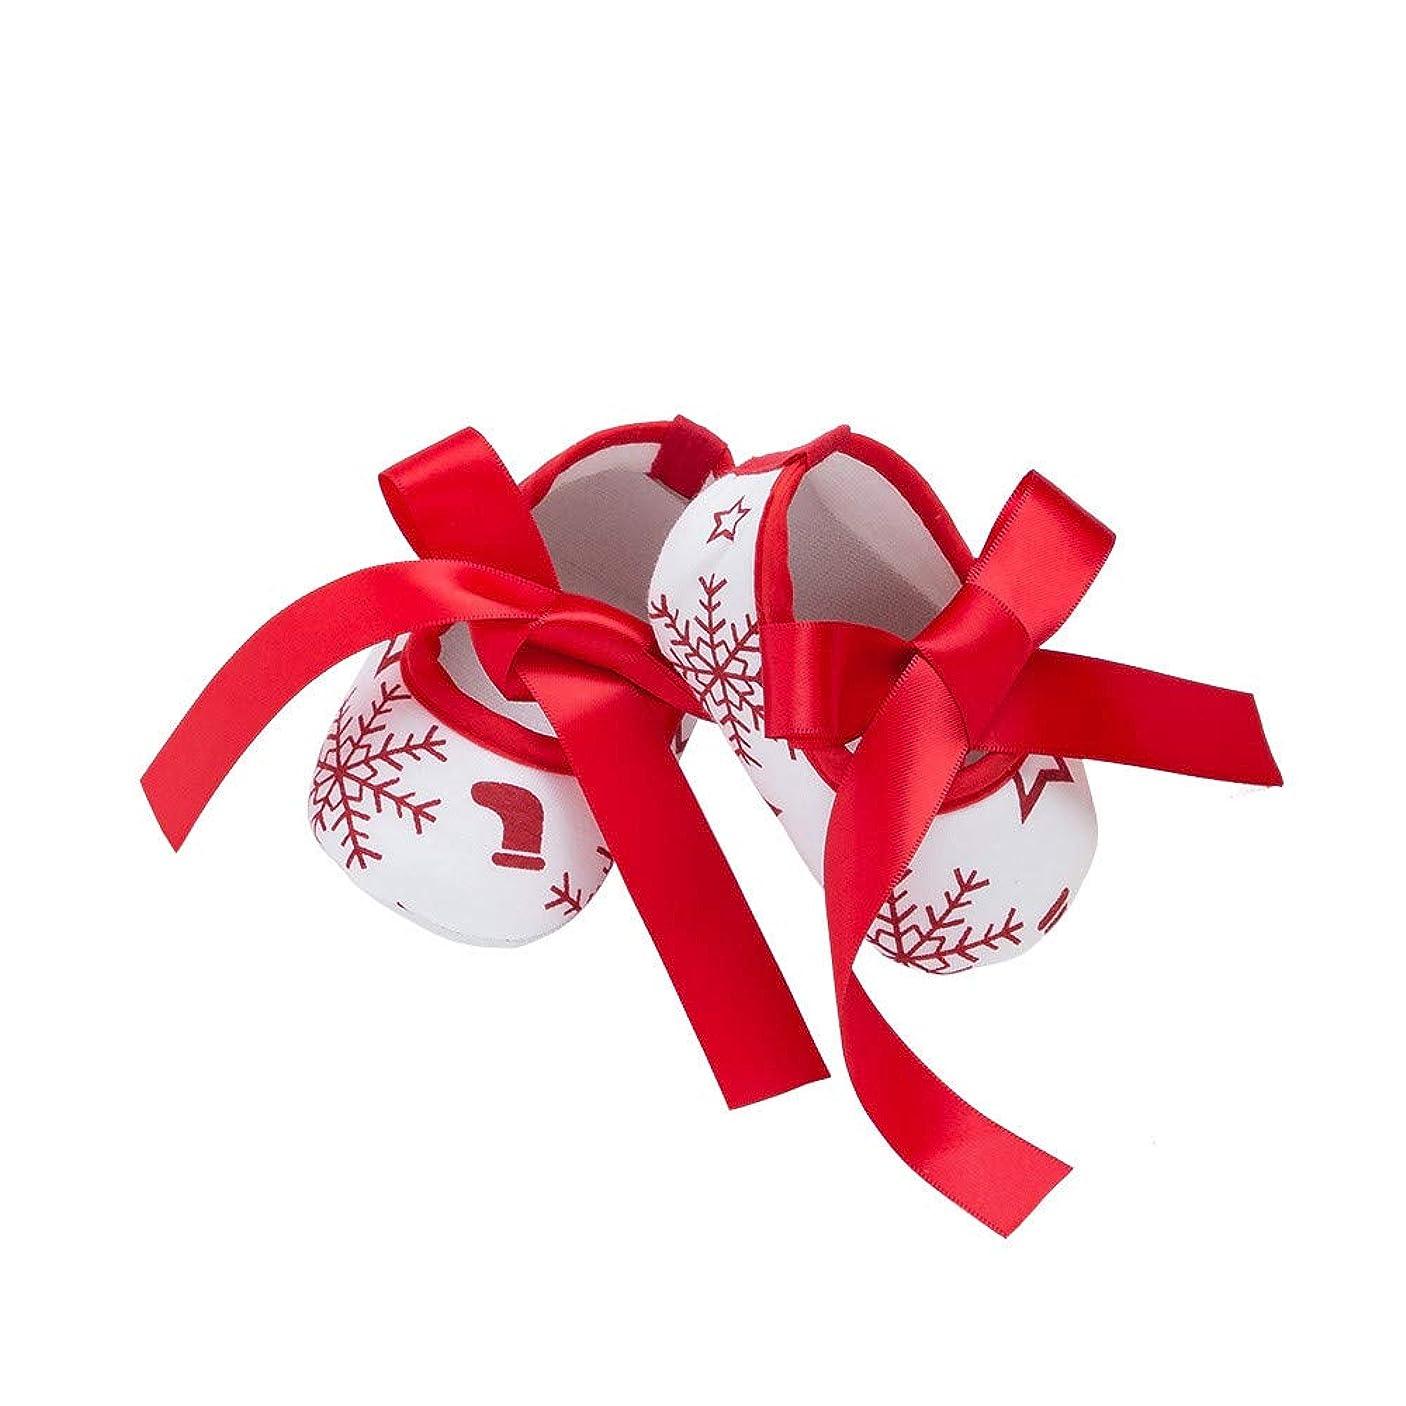 ピンク四媒染剤子供靴 Hosam クリスマス レース 蝶結び 新生児靴 幼児 赤ちゃん靴 ウォームブーツ シューズ ファーストシューズ 男の子 女の子 ベビーシューズ 運動靴 赤ちゃん き心地いい 記念日 誕生日 プレゼント 出産お祝い